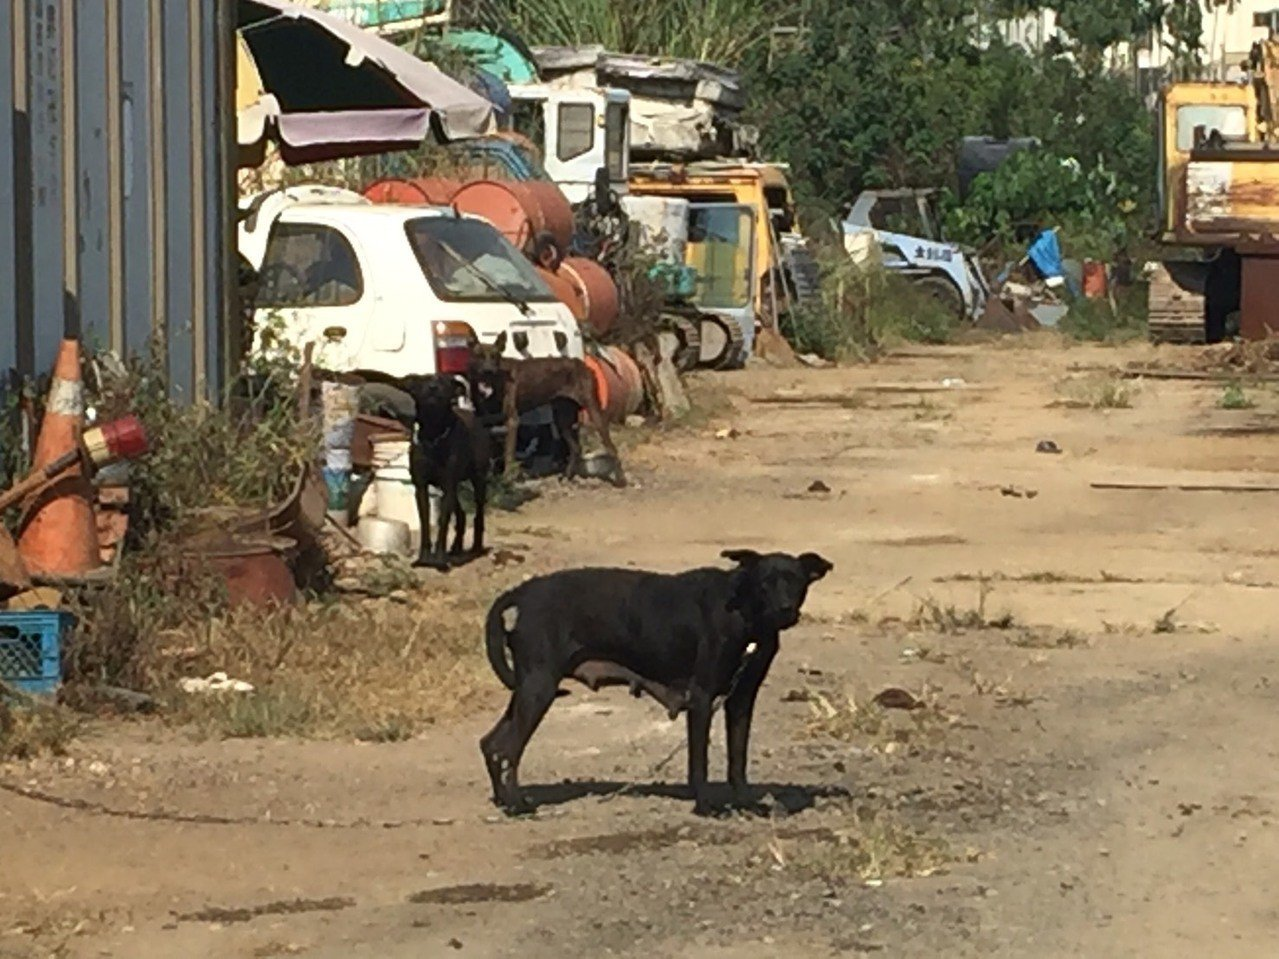 草屯鎮李姓婦人遭狗群攻擊後,工寮主人已將所有犬隻栓上狗鍊。圖/周姓讀者提供